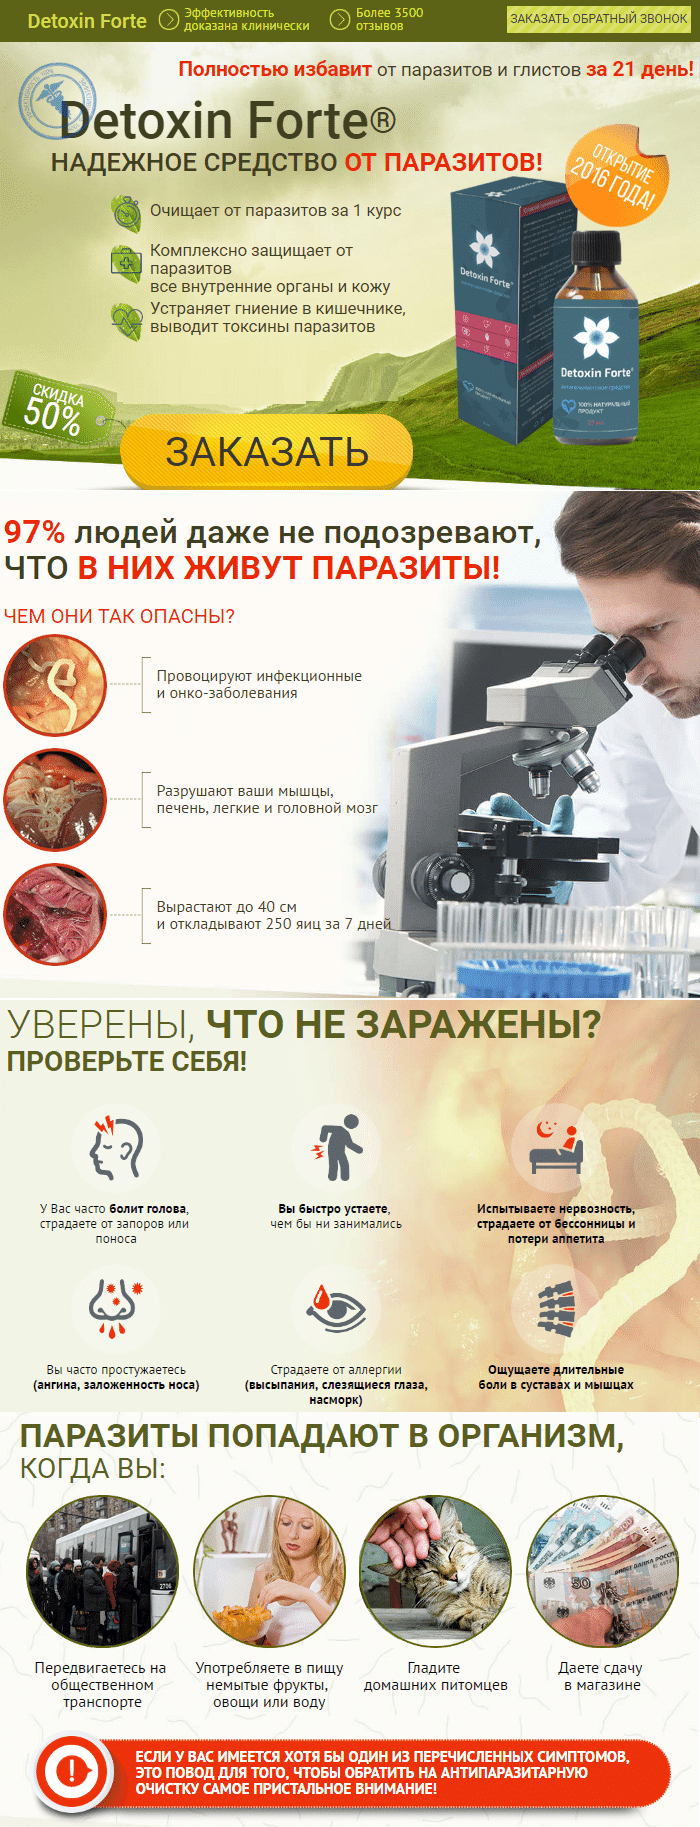 очистка организма от паразитов по неумывакину